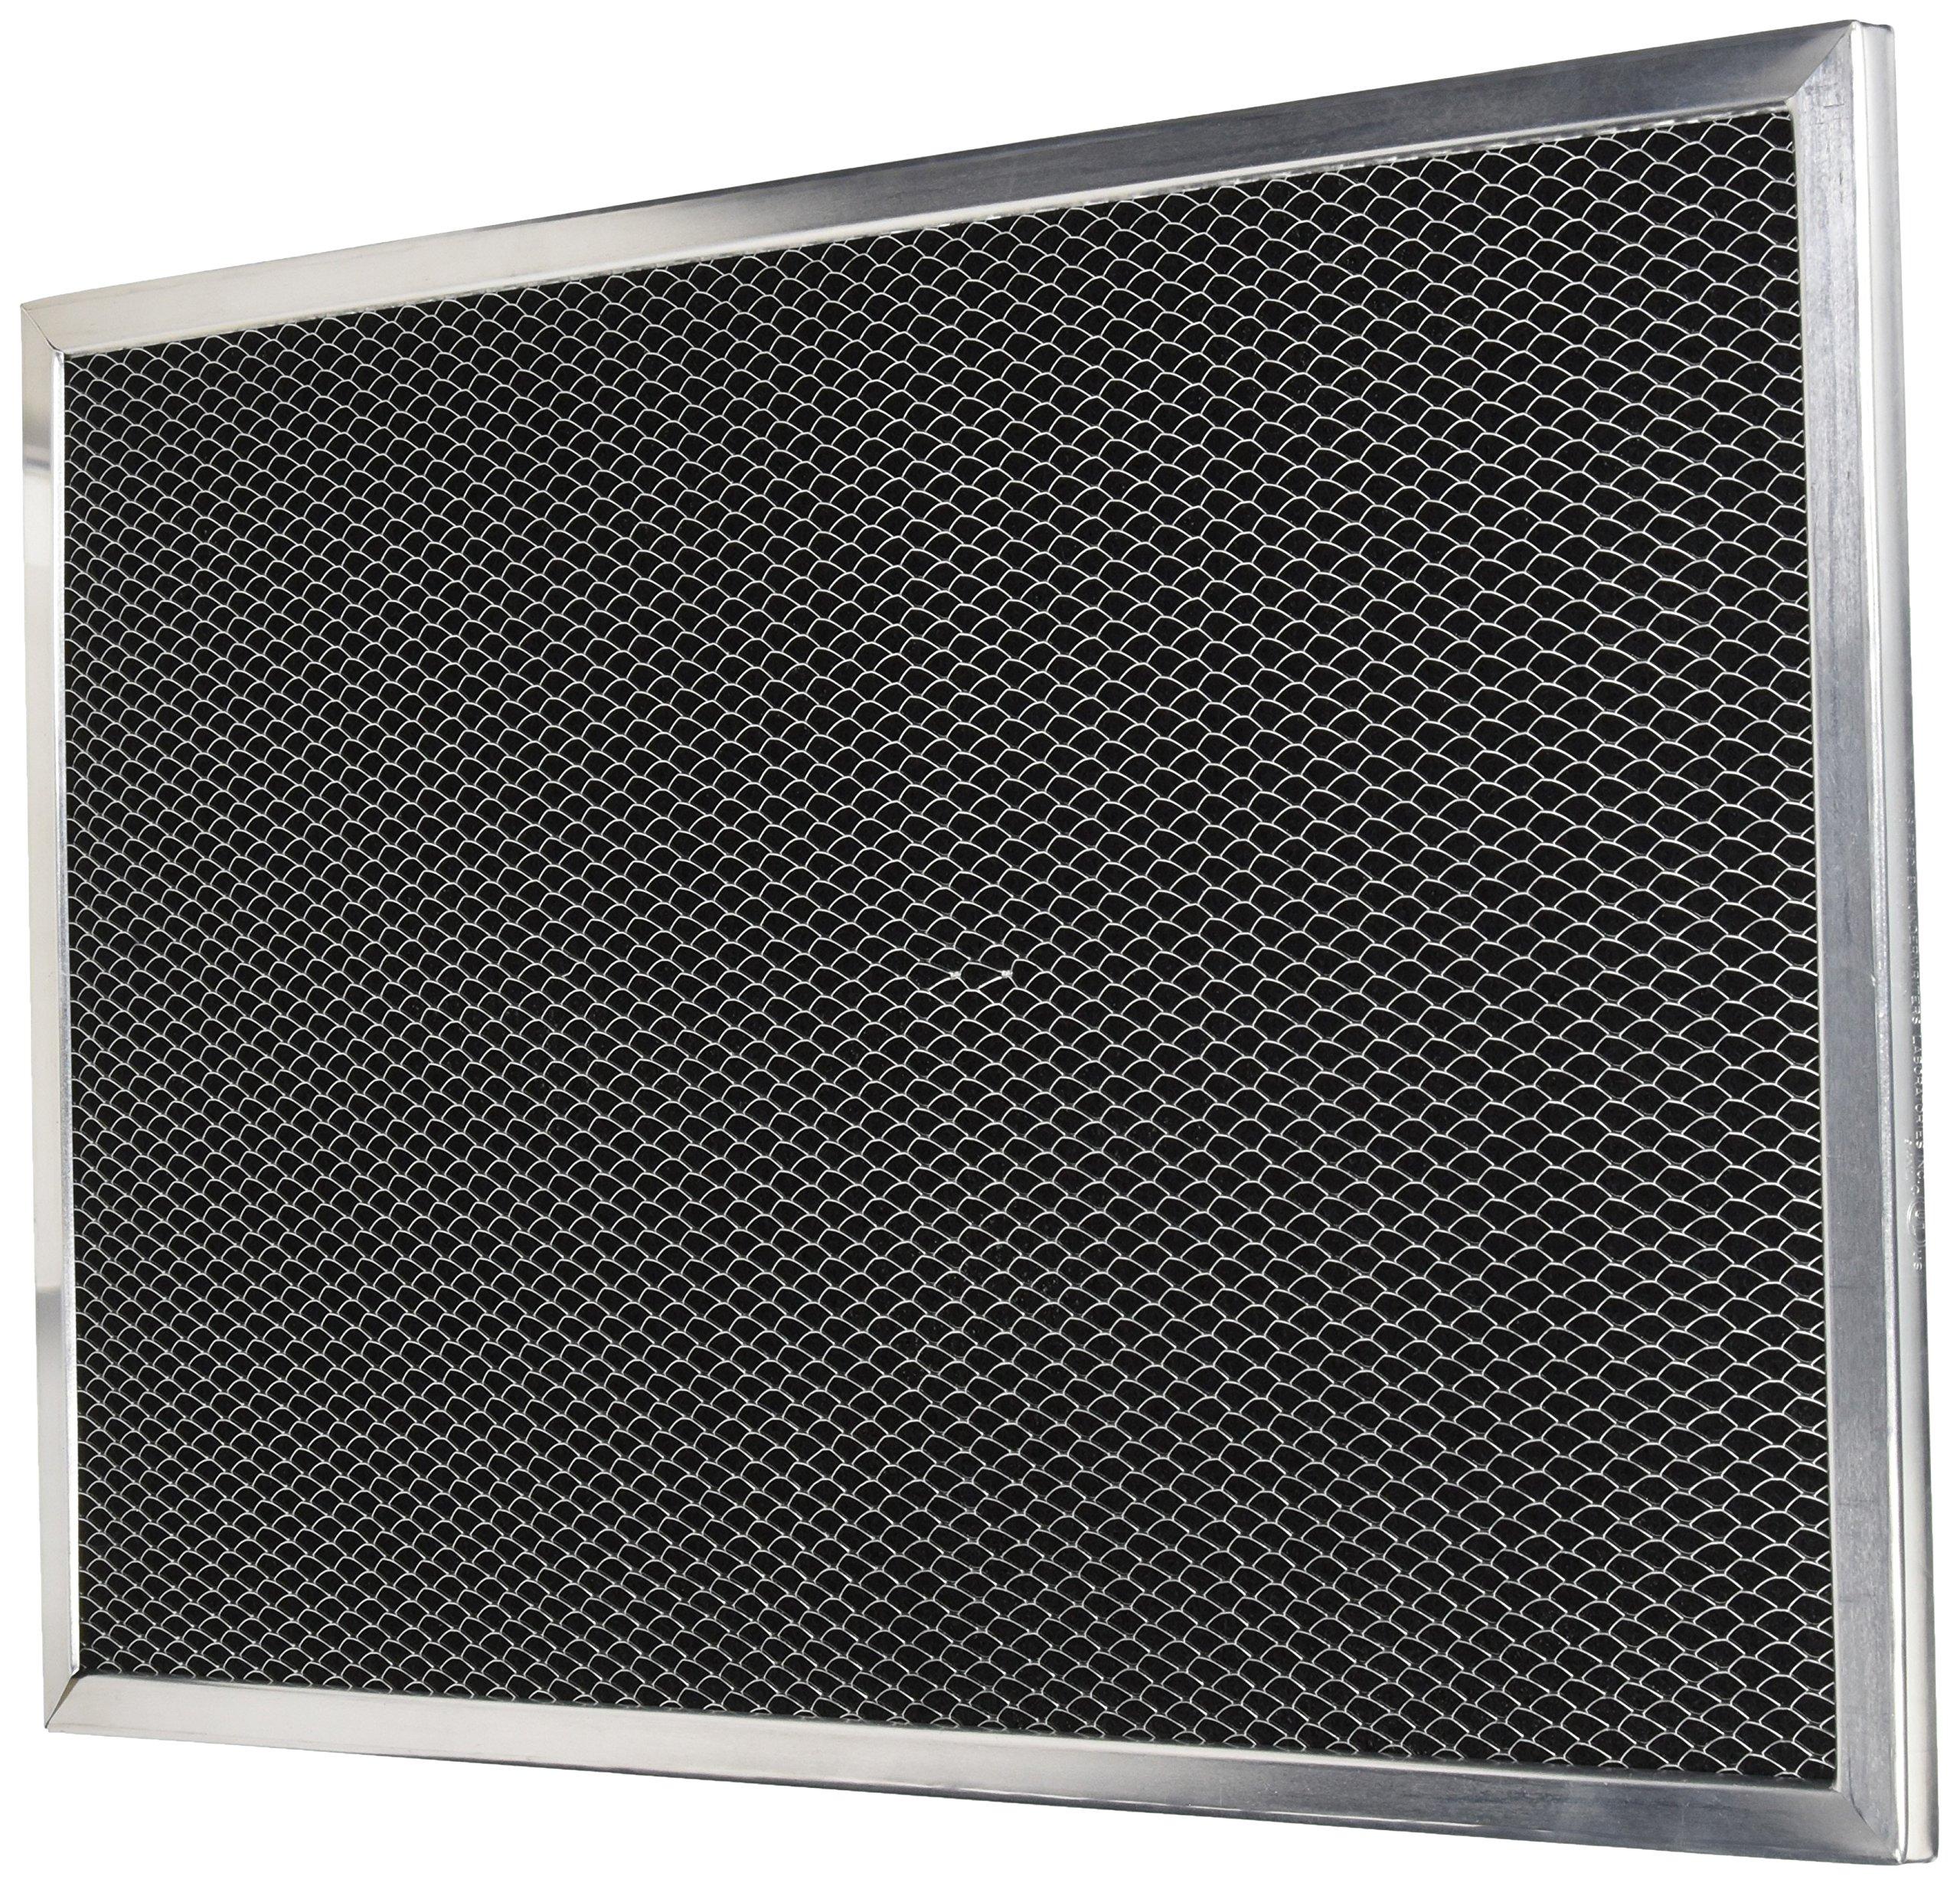 Elica TM02FA Carbon Filter